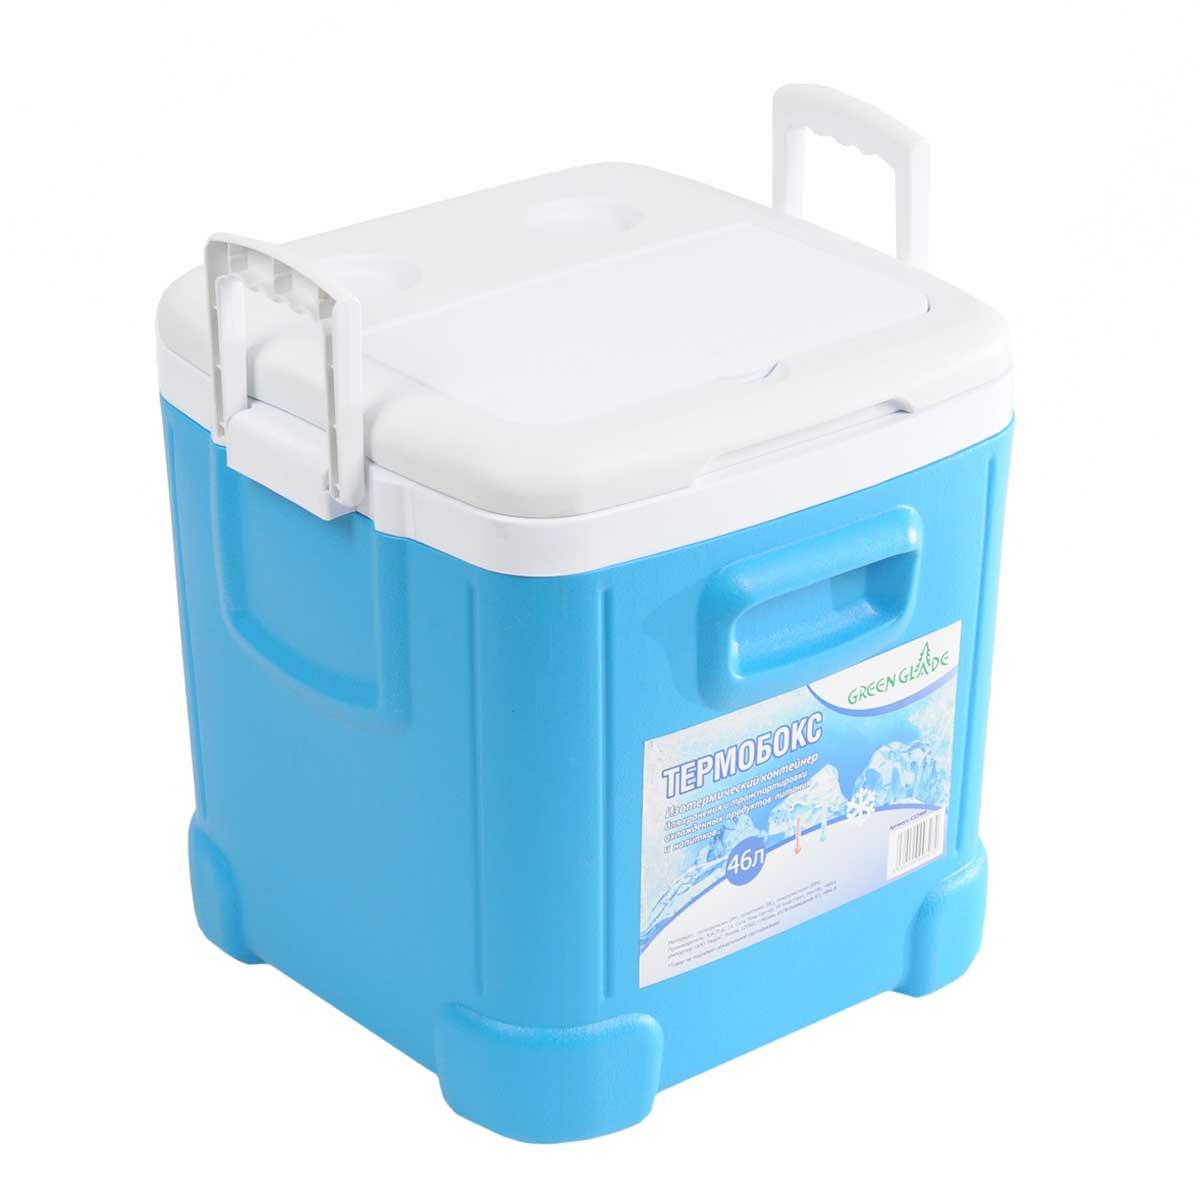 Контейнер изотермический Green Glade, цвет: голубой, 46 л контейнер изотермический green glade цвет голубой 4 5 л